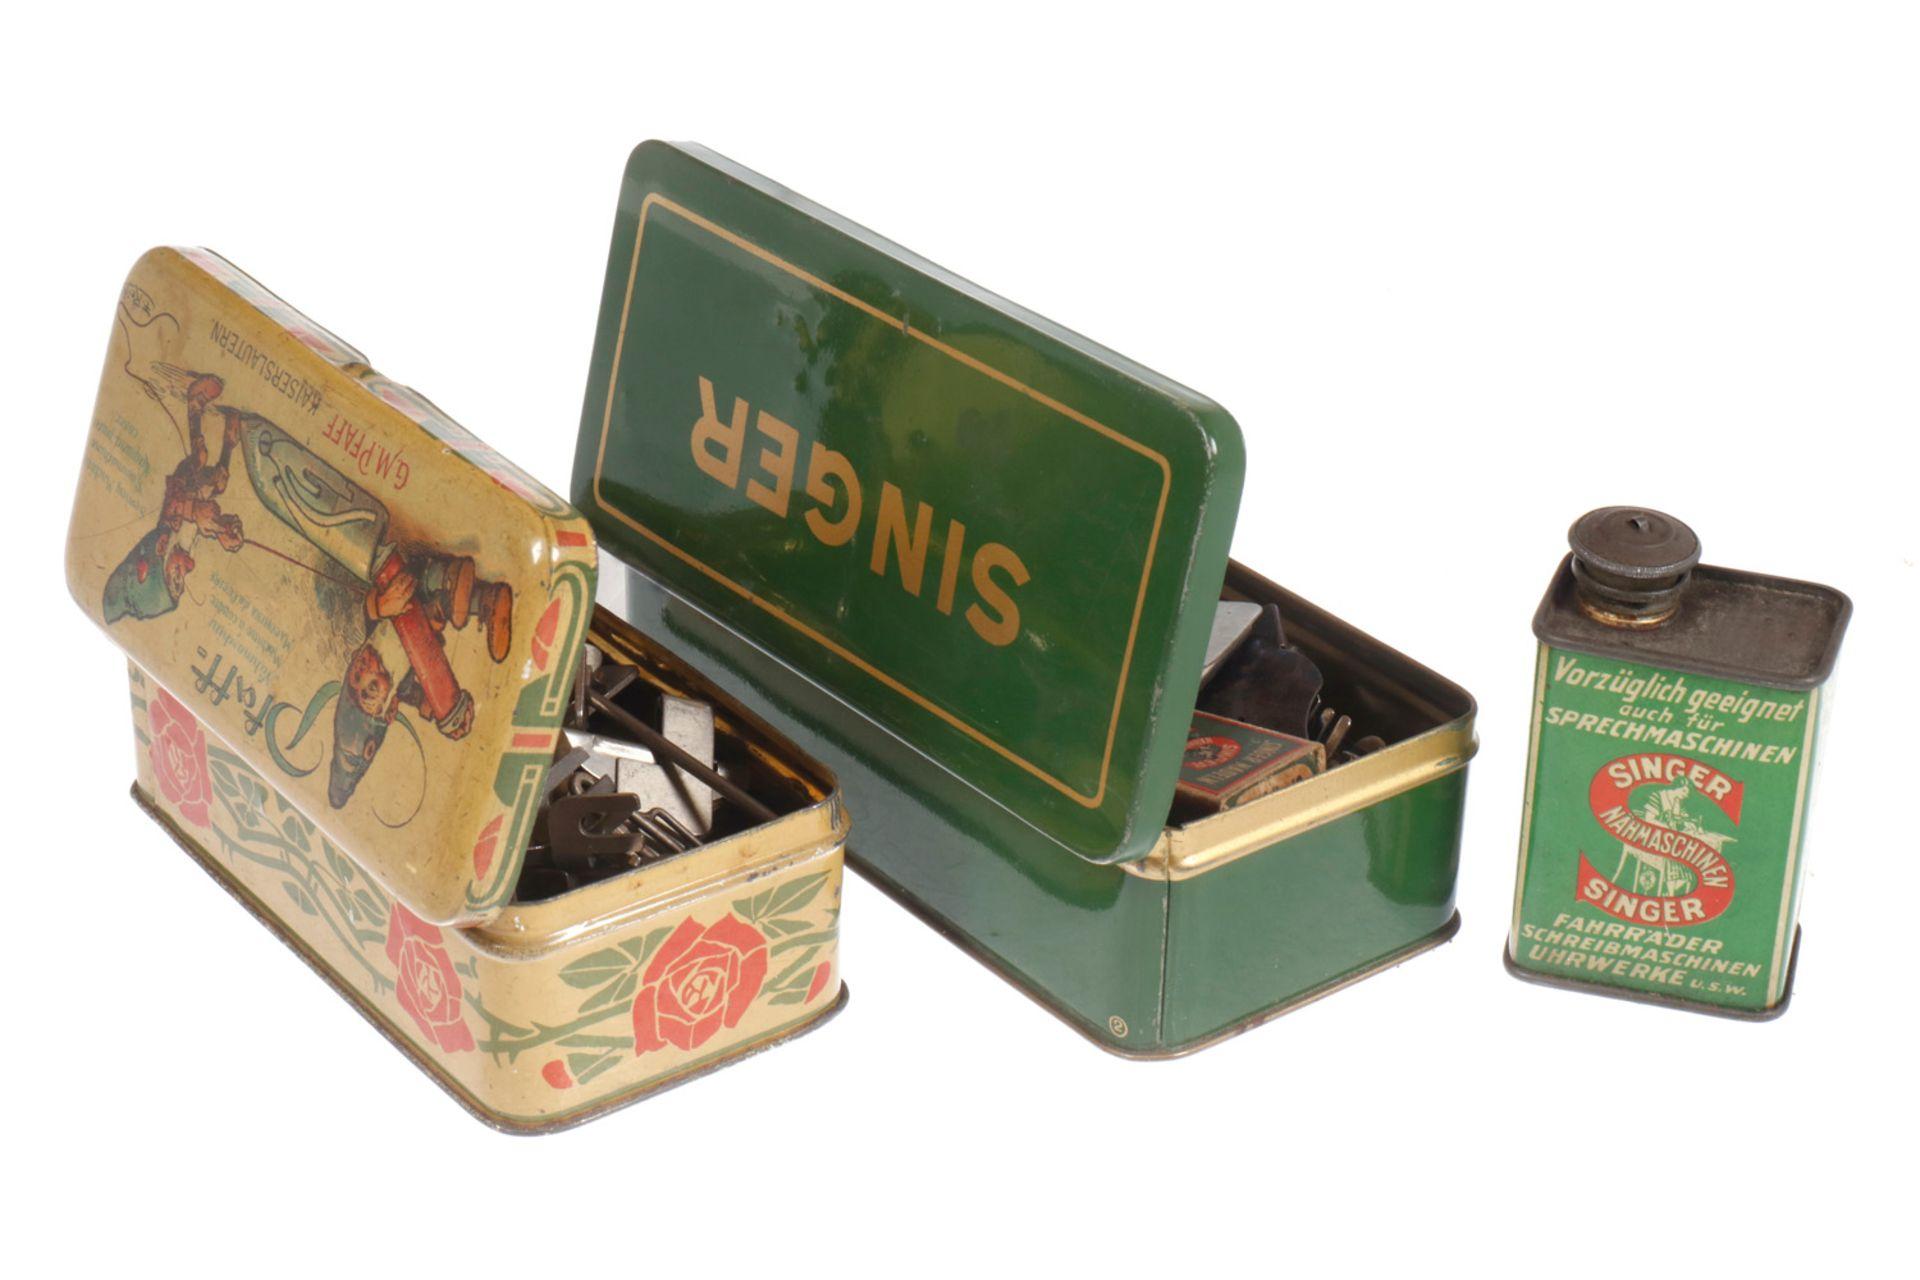 3 Blechdosen für und mit Nähmaschinenzubehör, Singer und Pfaff, 1900 bis 1920, Länge 16 cm